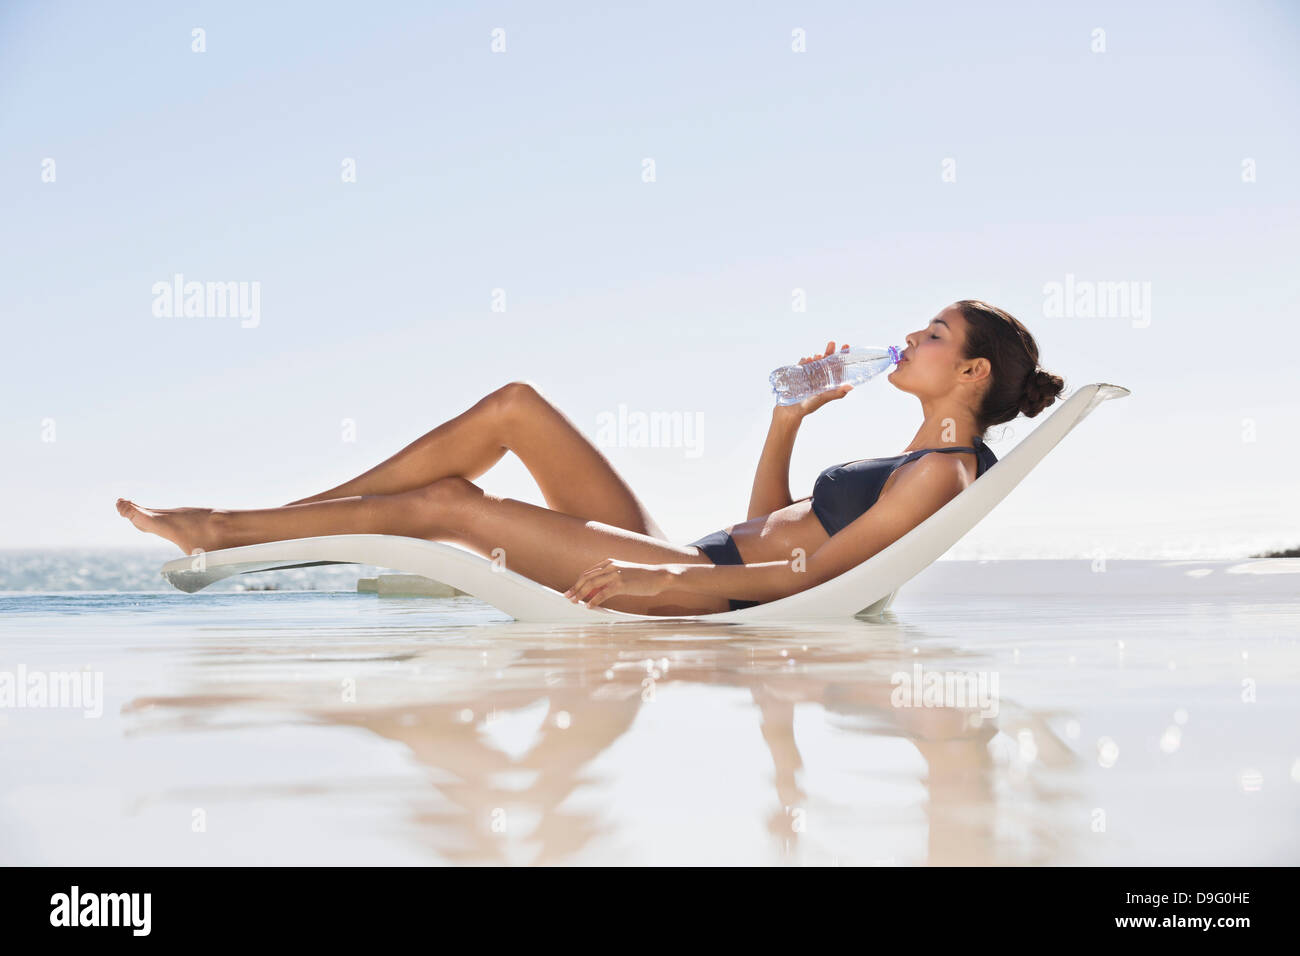 Belle femme l'eau potable sur la plage Photo Stock